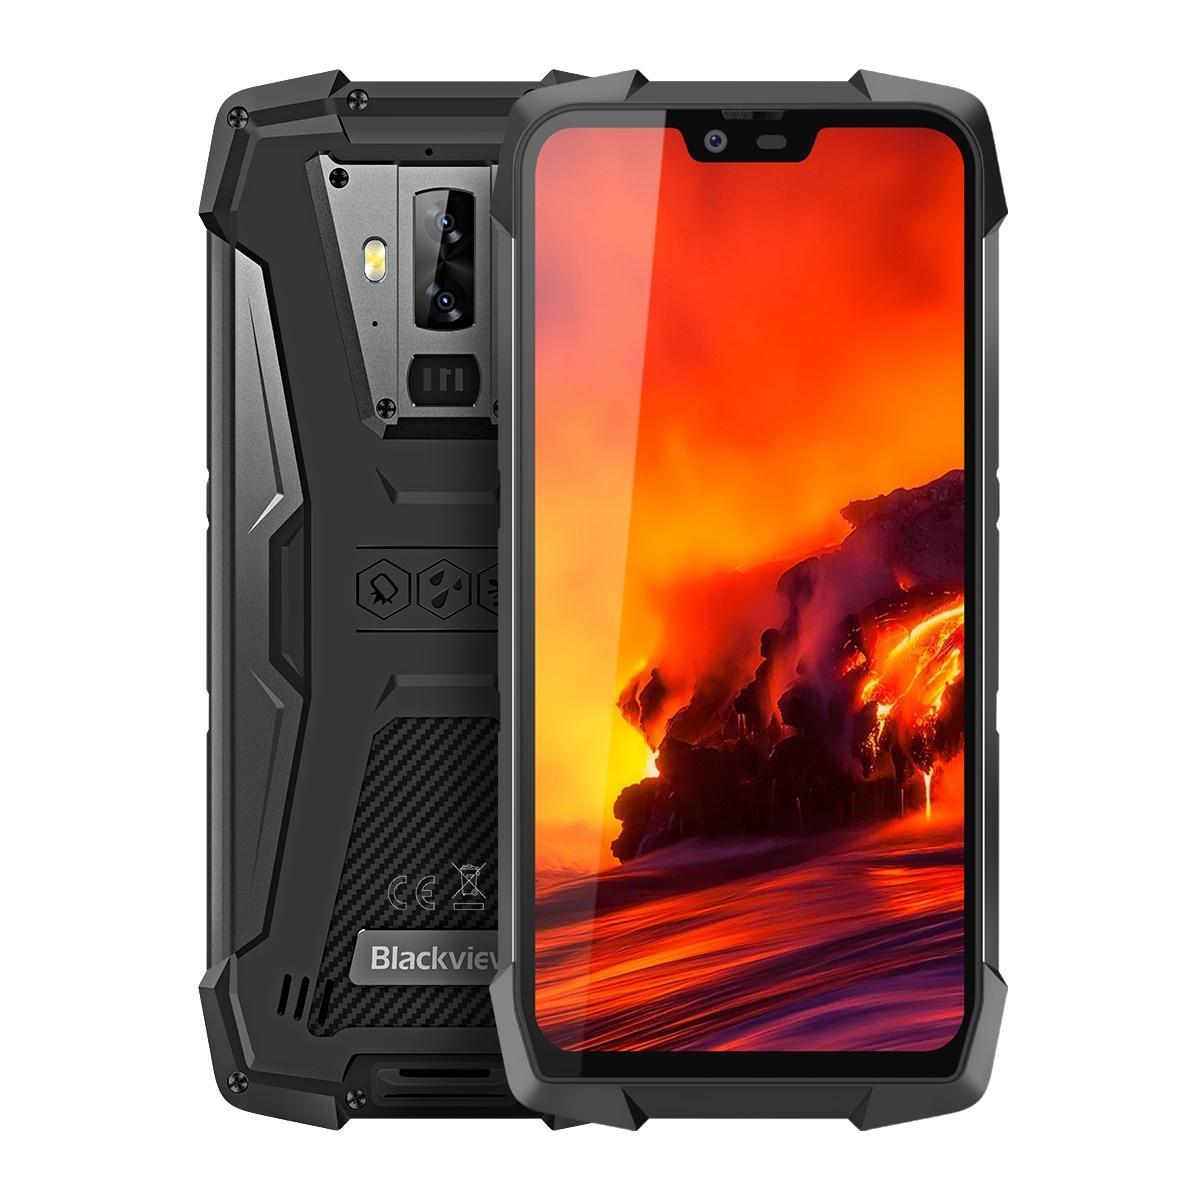 Купить Blackview BV9700 Pro IP68/IP69K прочный мобильный телефон Helio P70 Восьмиядерный 6 ГБ + 128 Гб 5,84